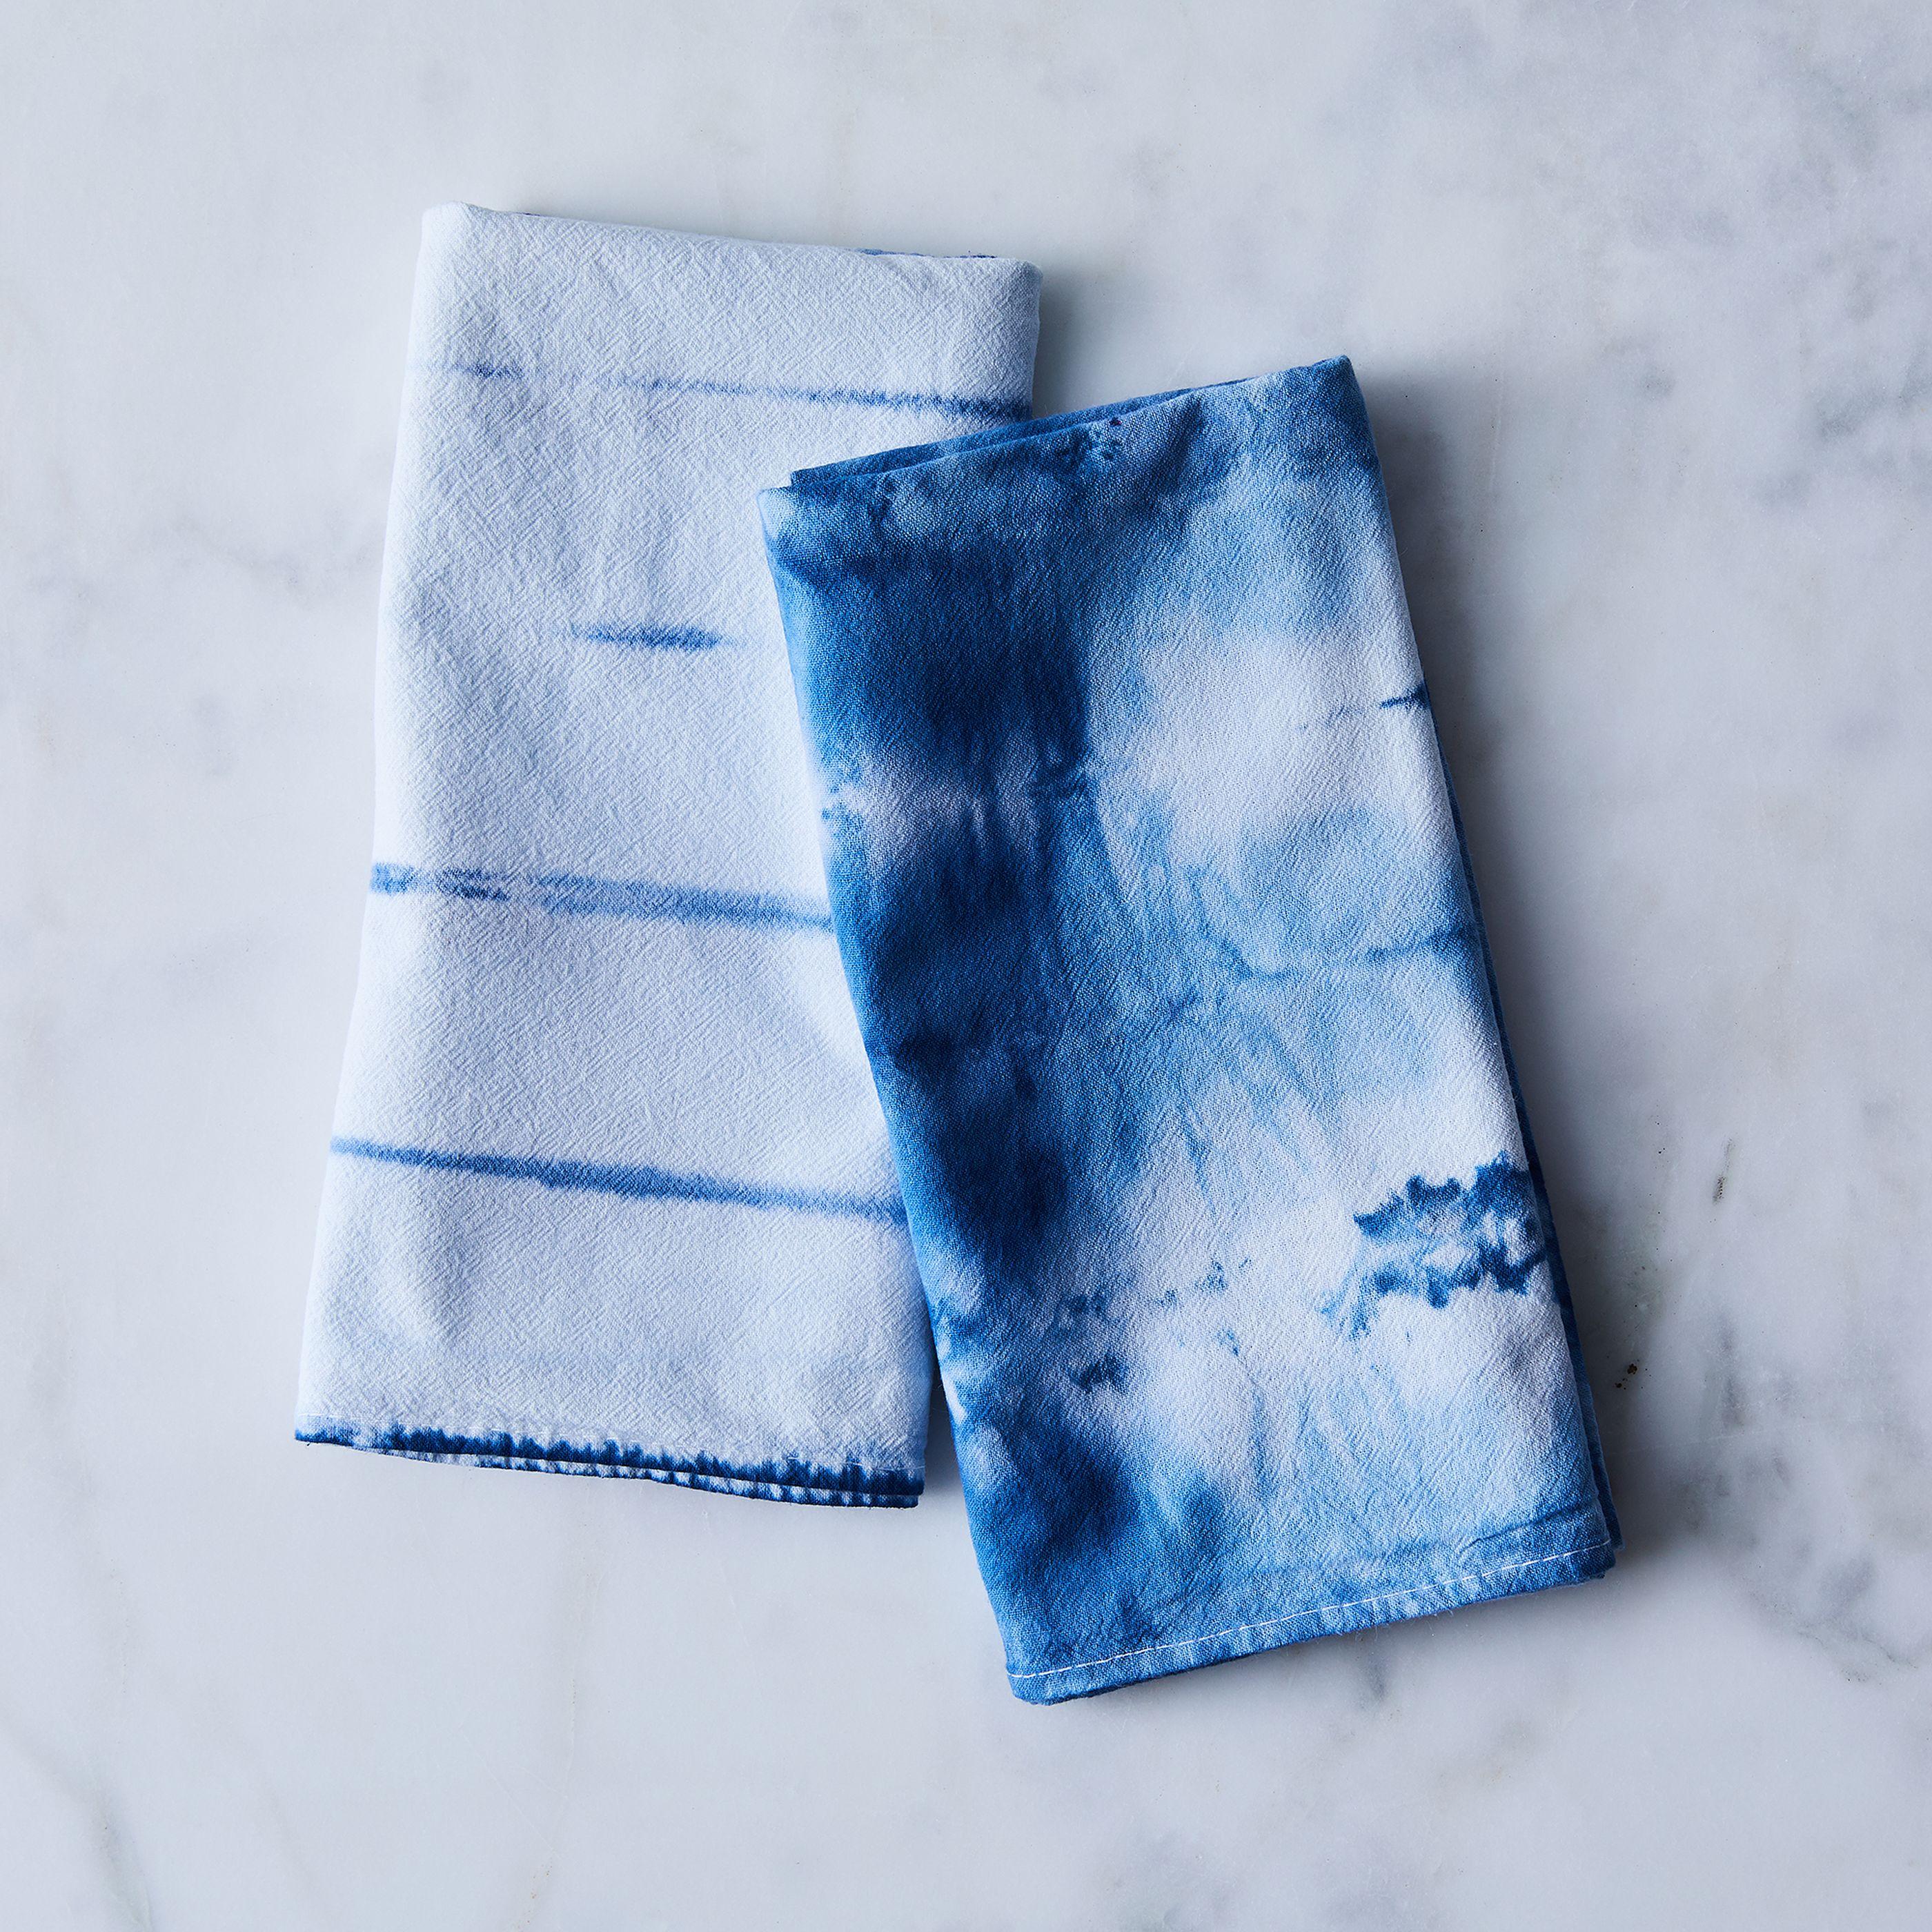 Shibori Flour Sack Tea Towels (Set of 2) on Food52